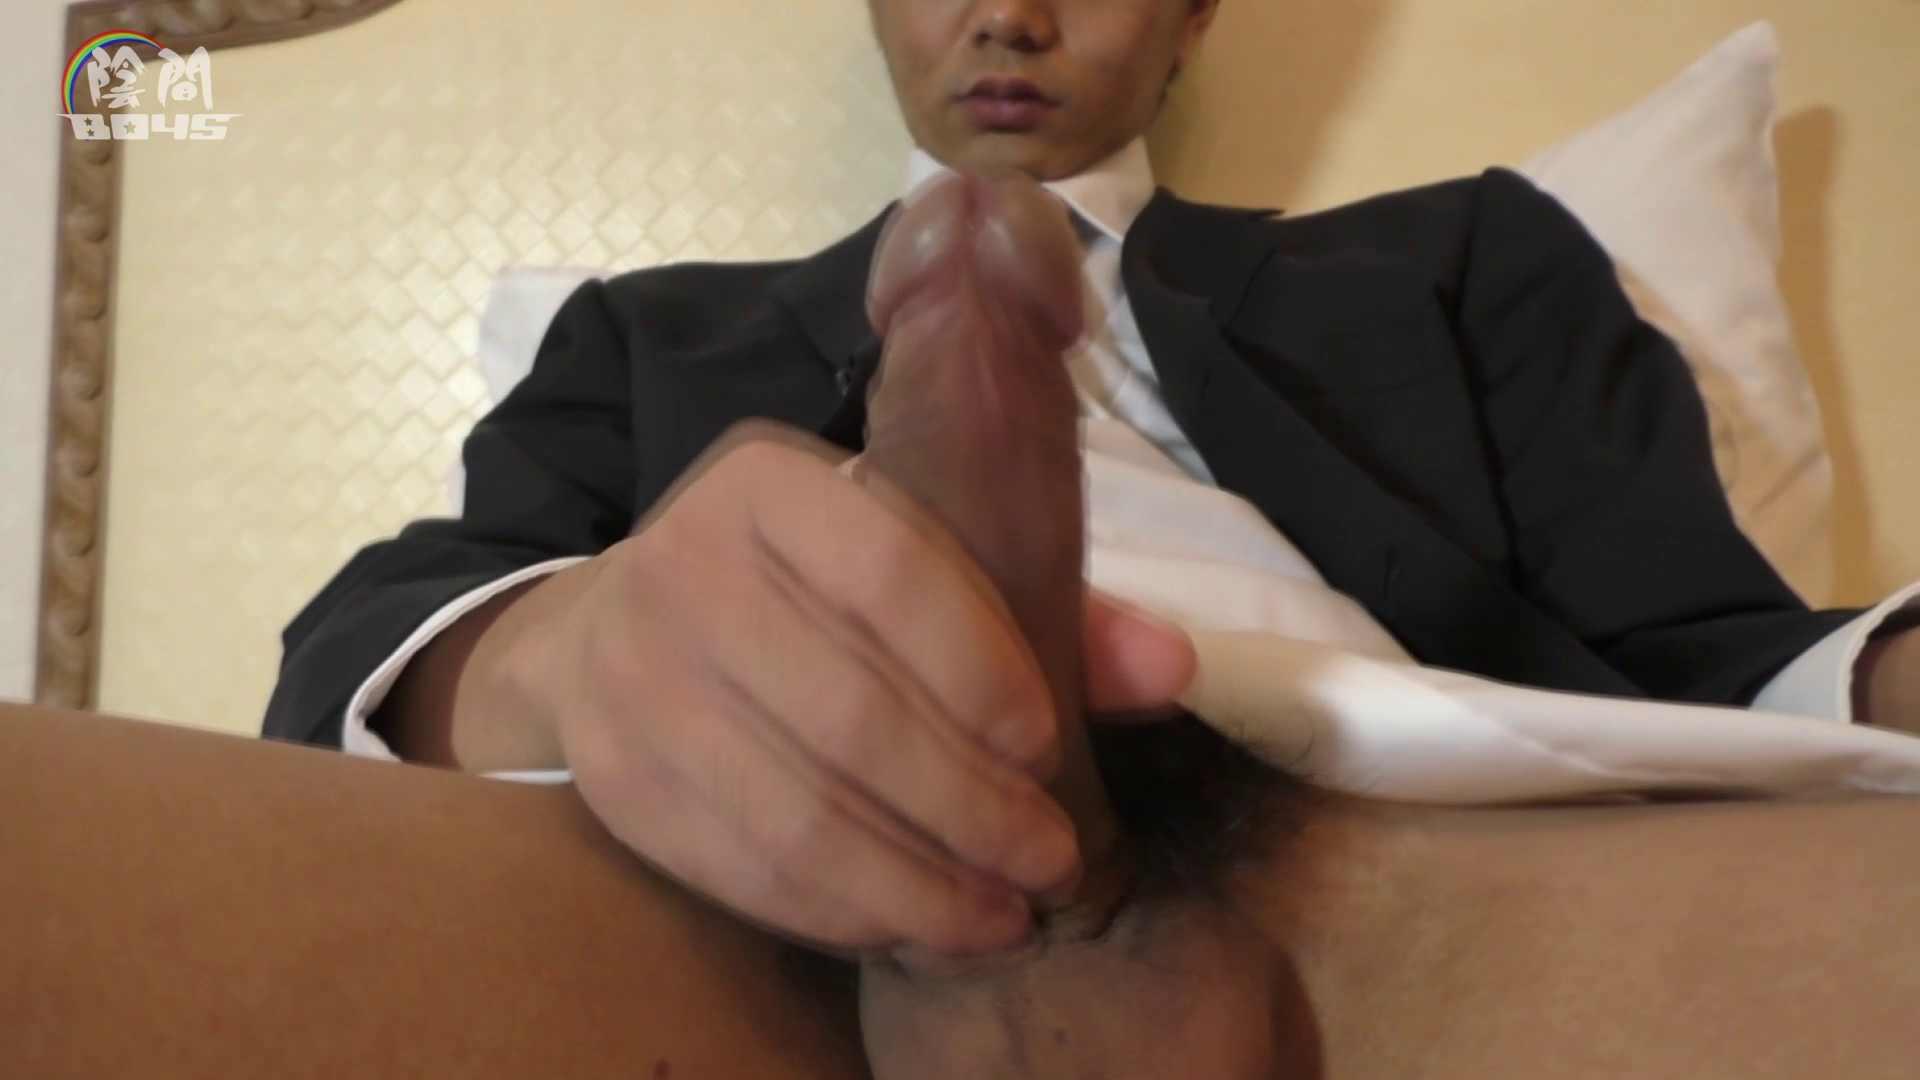 陰間BOYS~キャバクラの仕事はアナルから4 Vol.02 男どうし ゲイエロビデオ画像 100pic 32